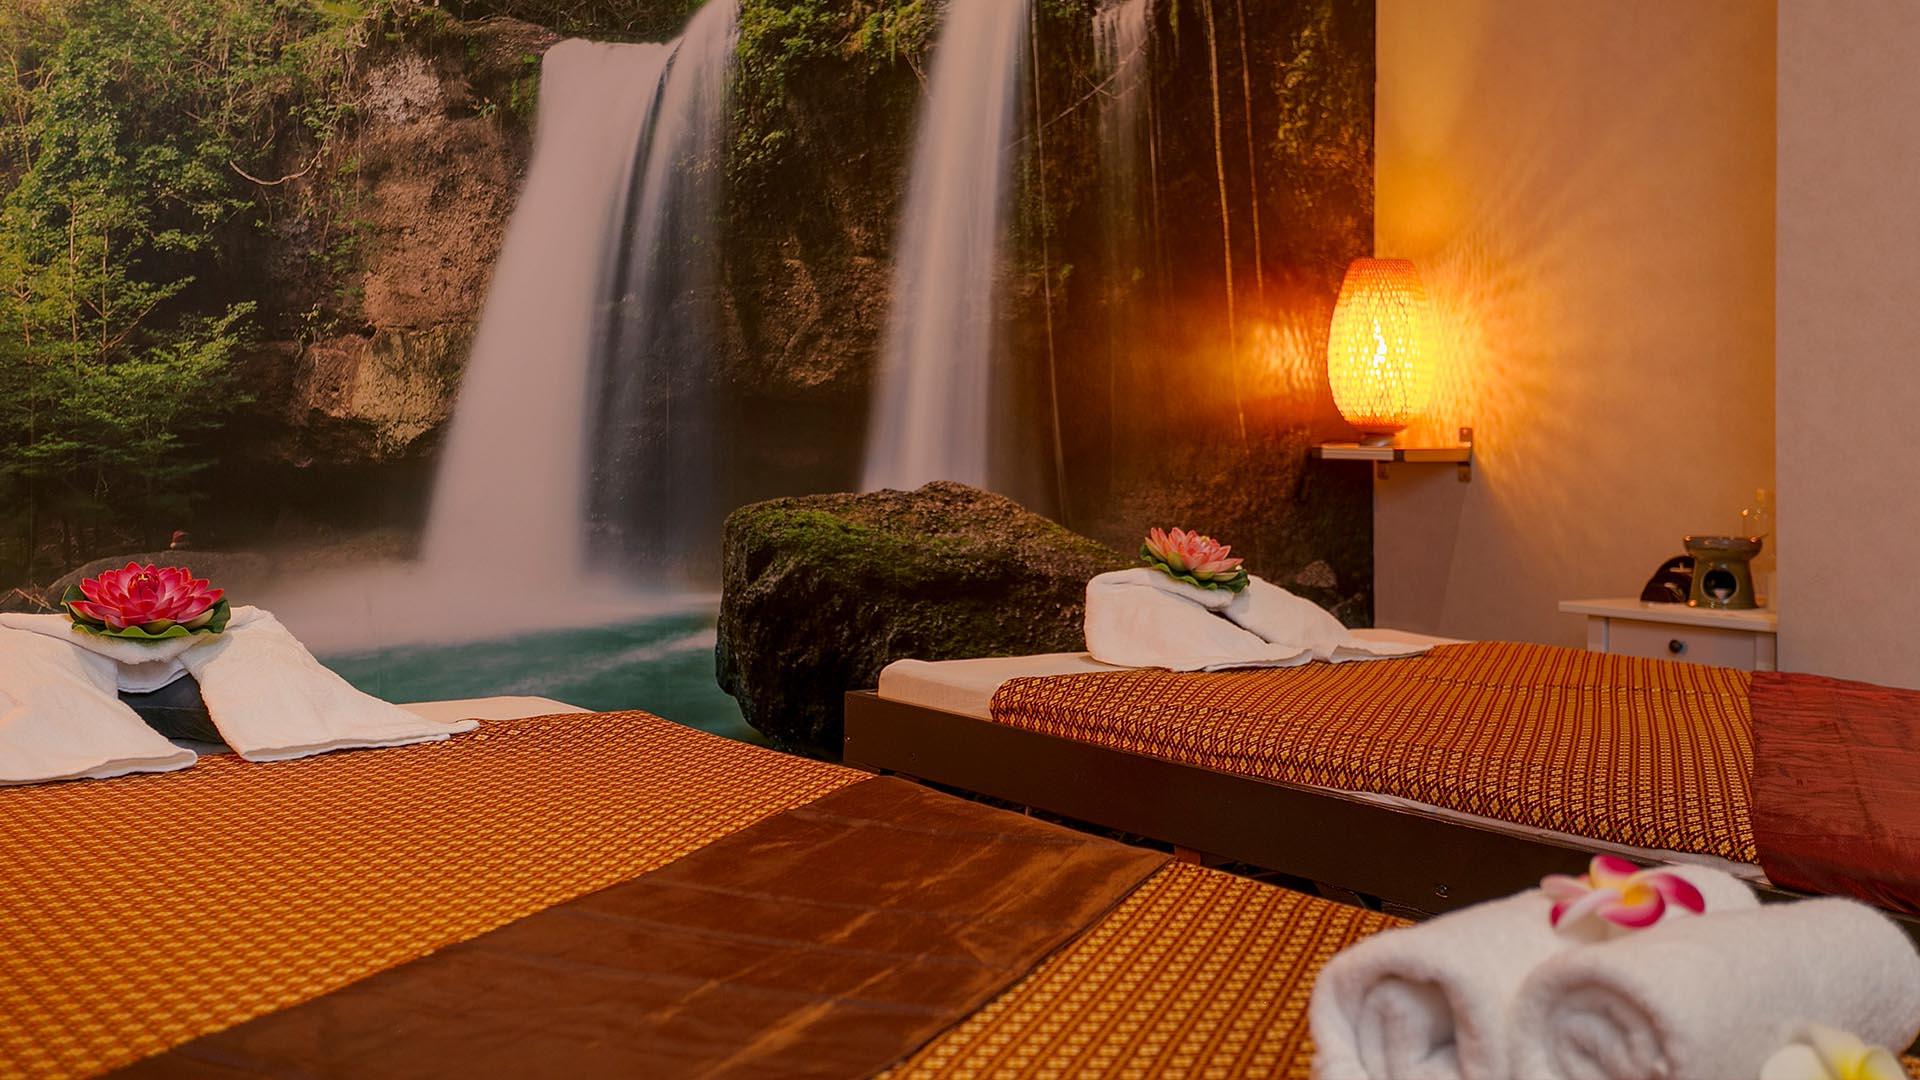 Alisha massage Eindhoven, Thai therapie massage, ontspanningsmassage, combinatiemassage, duo massage, nek massage, schoudermassage, rugmassage, sportmassage, scrubmassage, kruidenstempelmassage, kokosoliemassage